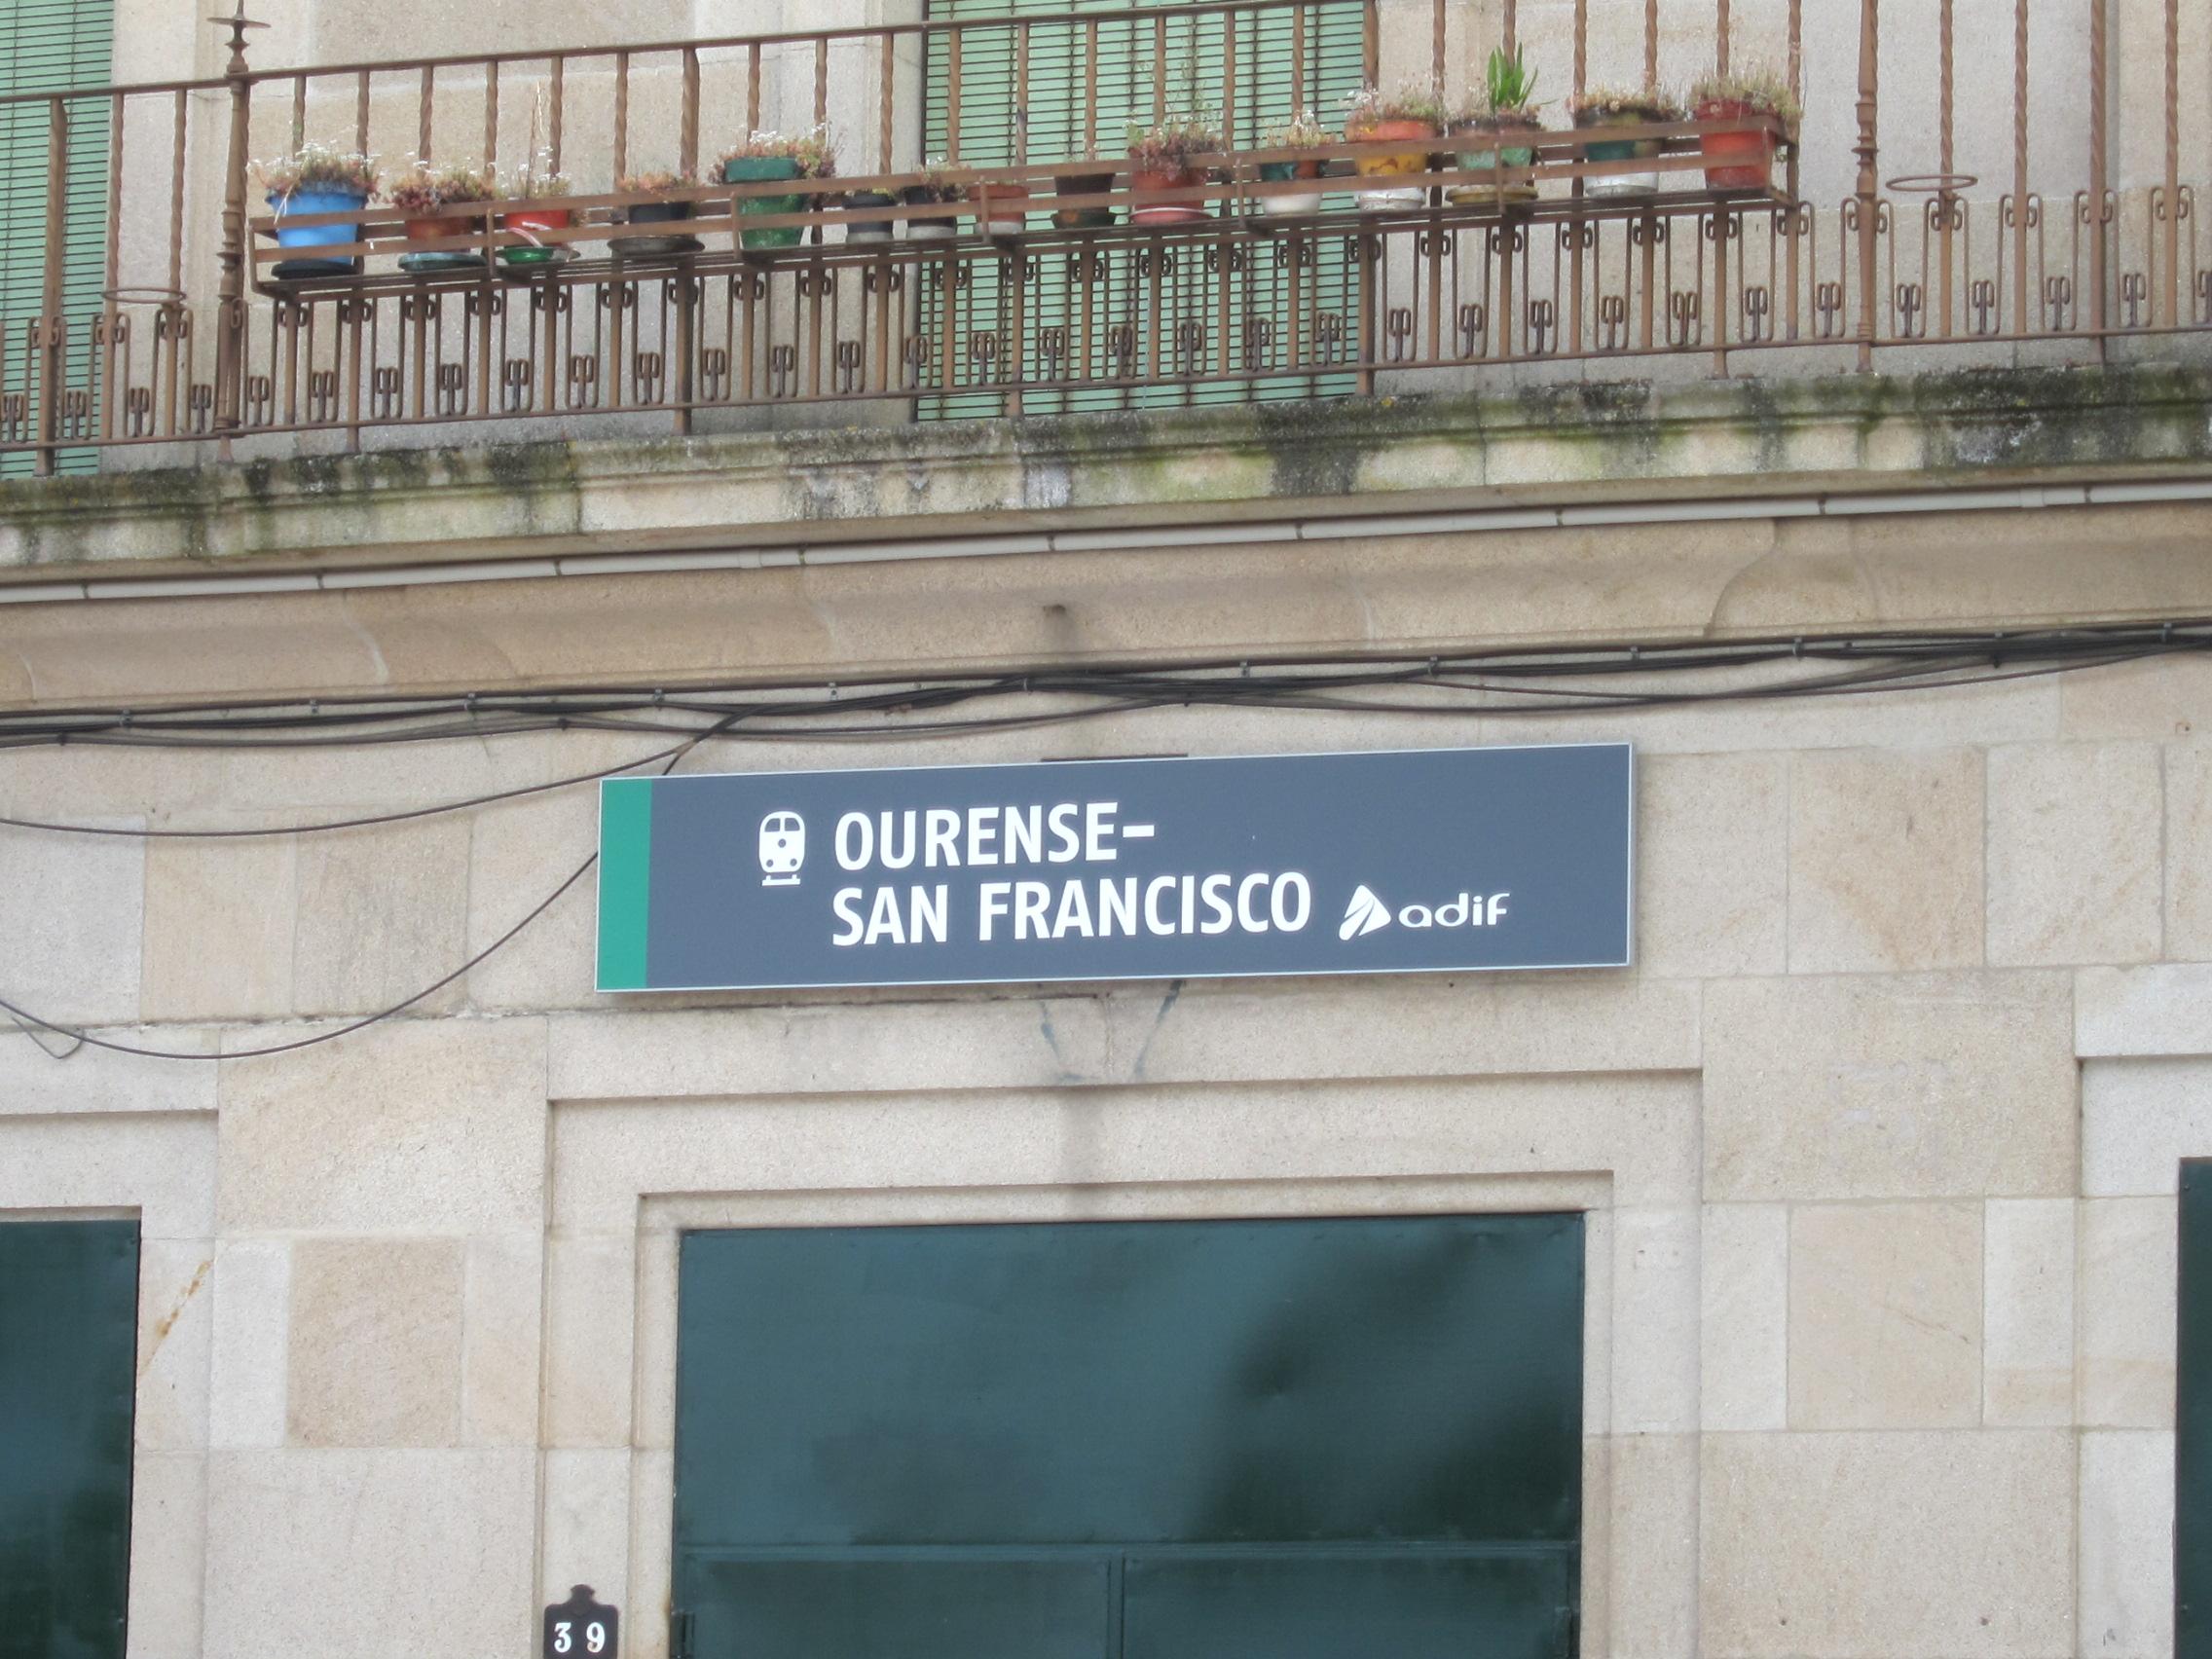 Estación de Ourense-San Francisco